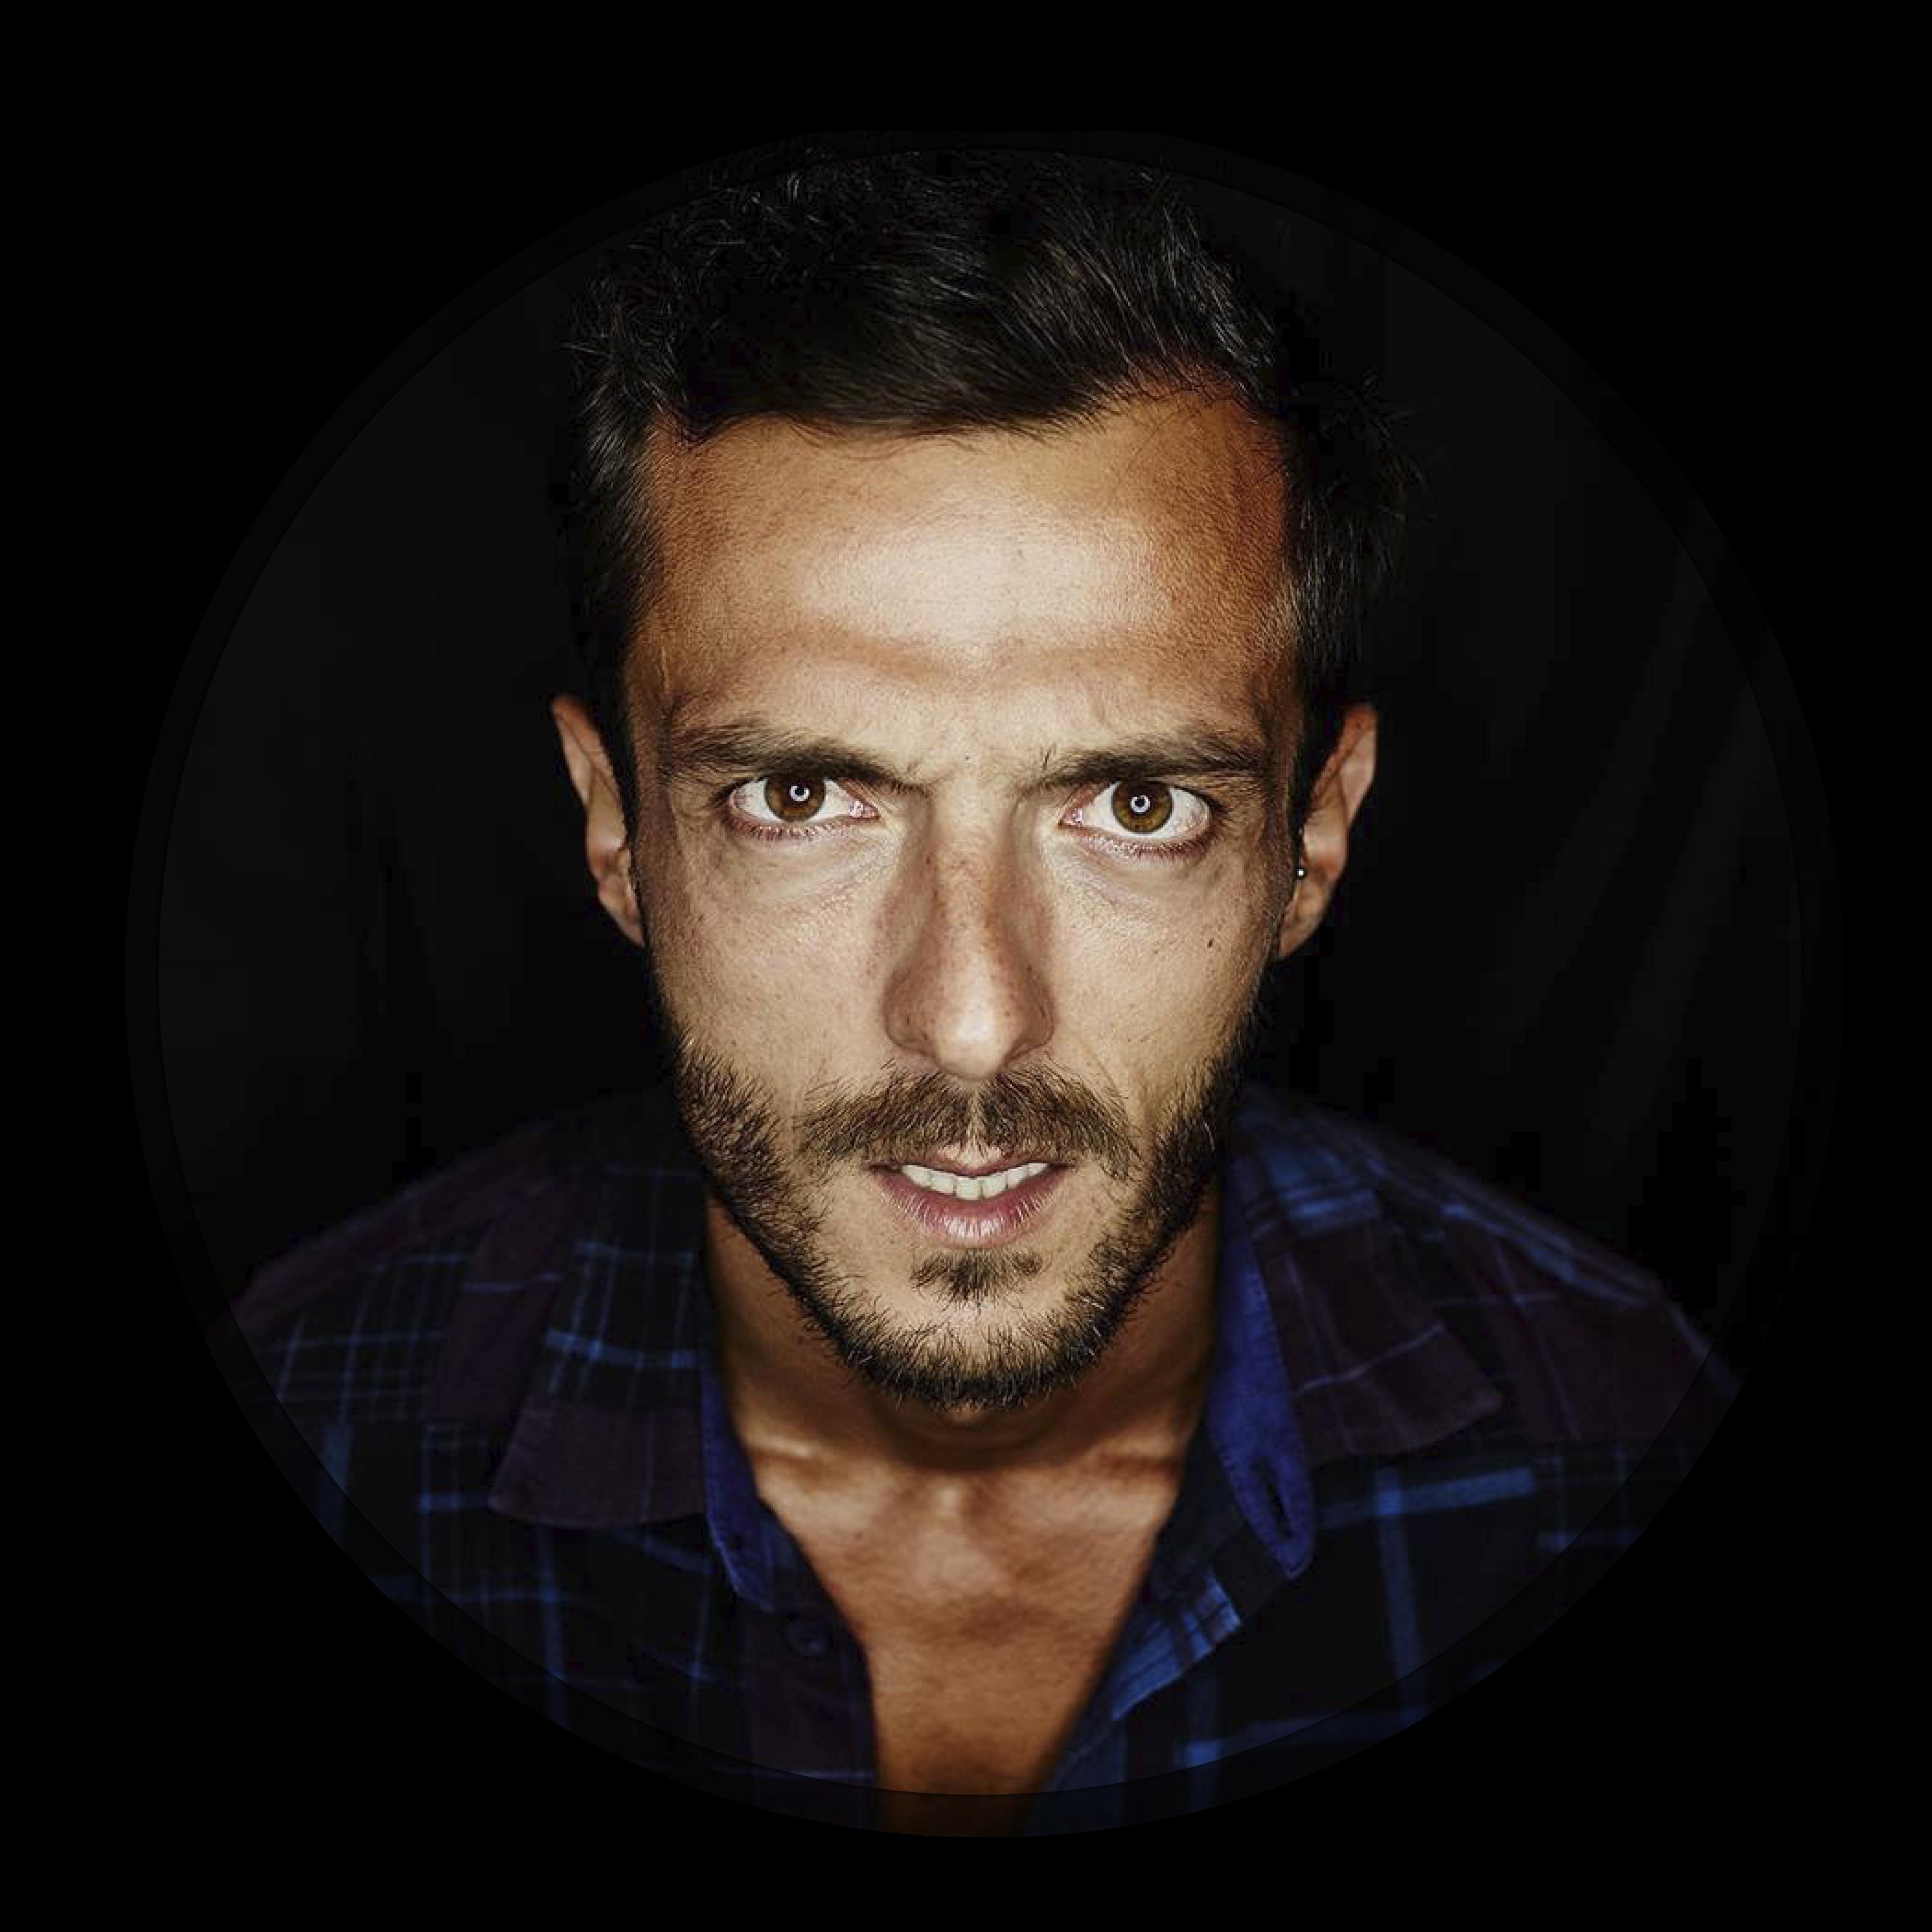 Fabiano Lauciello